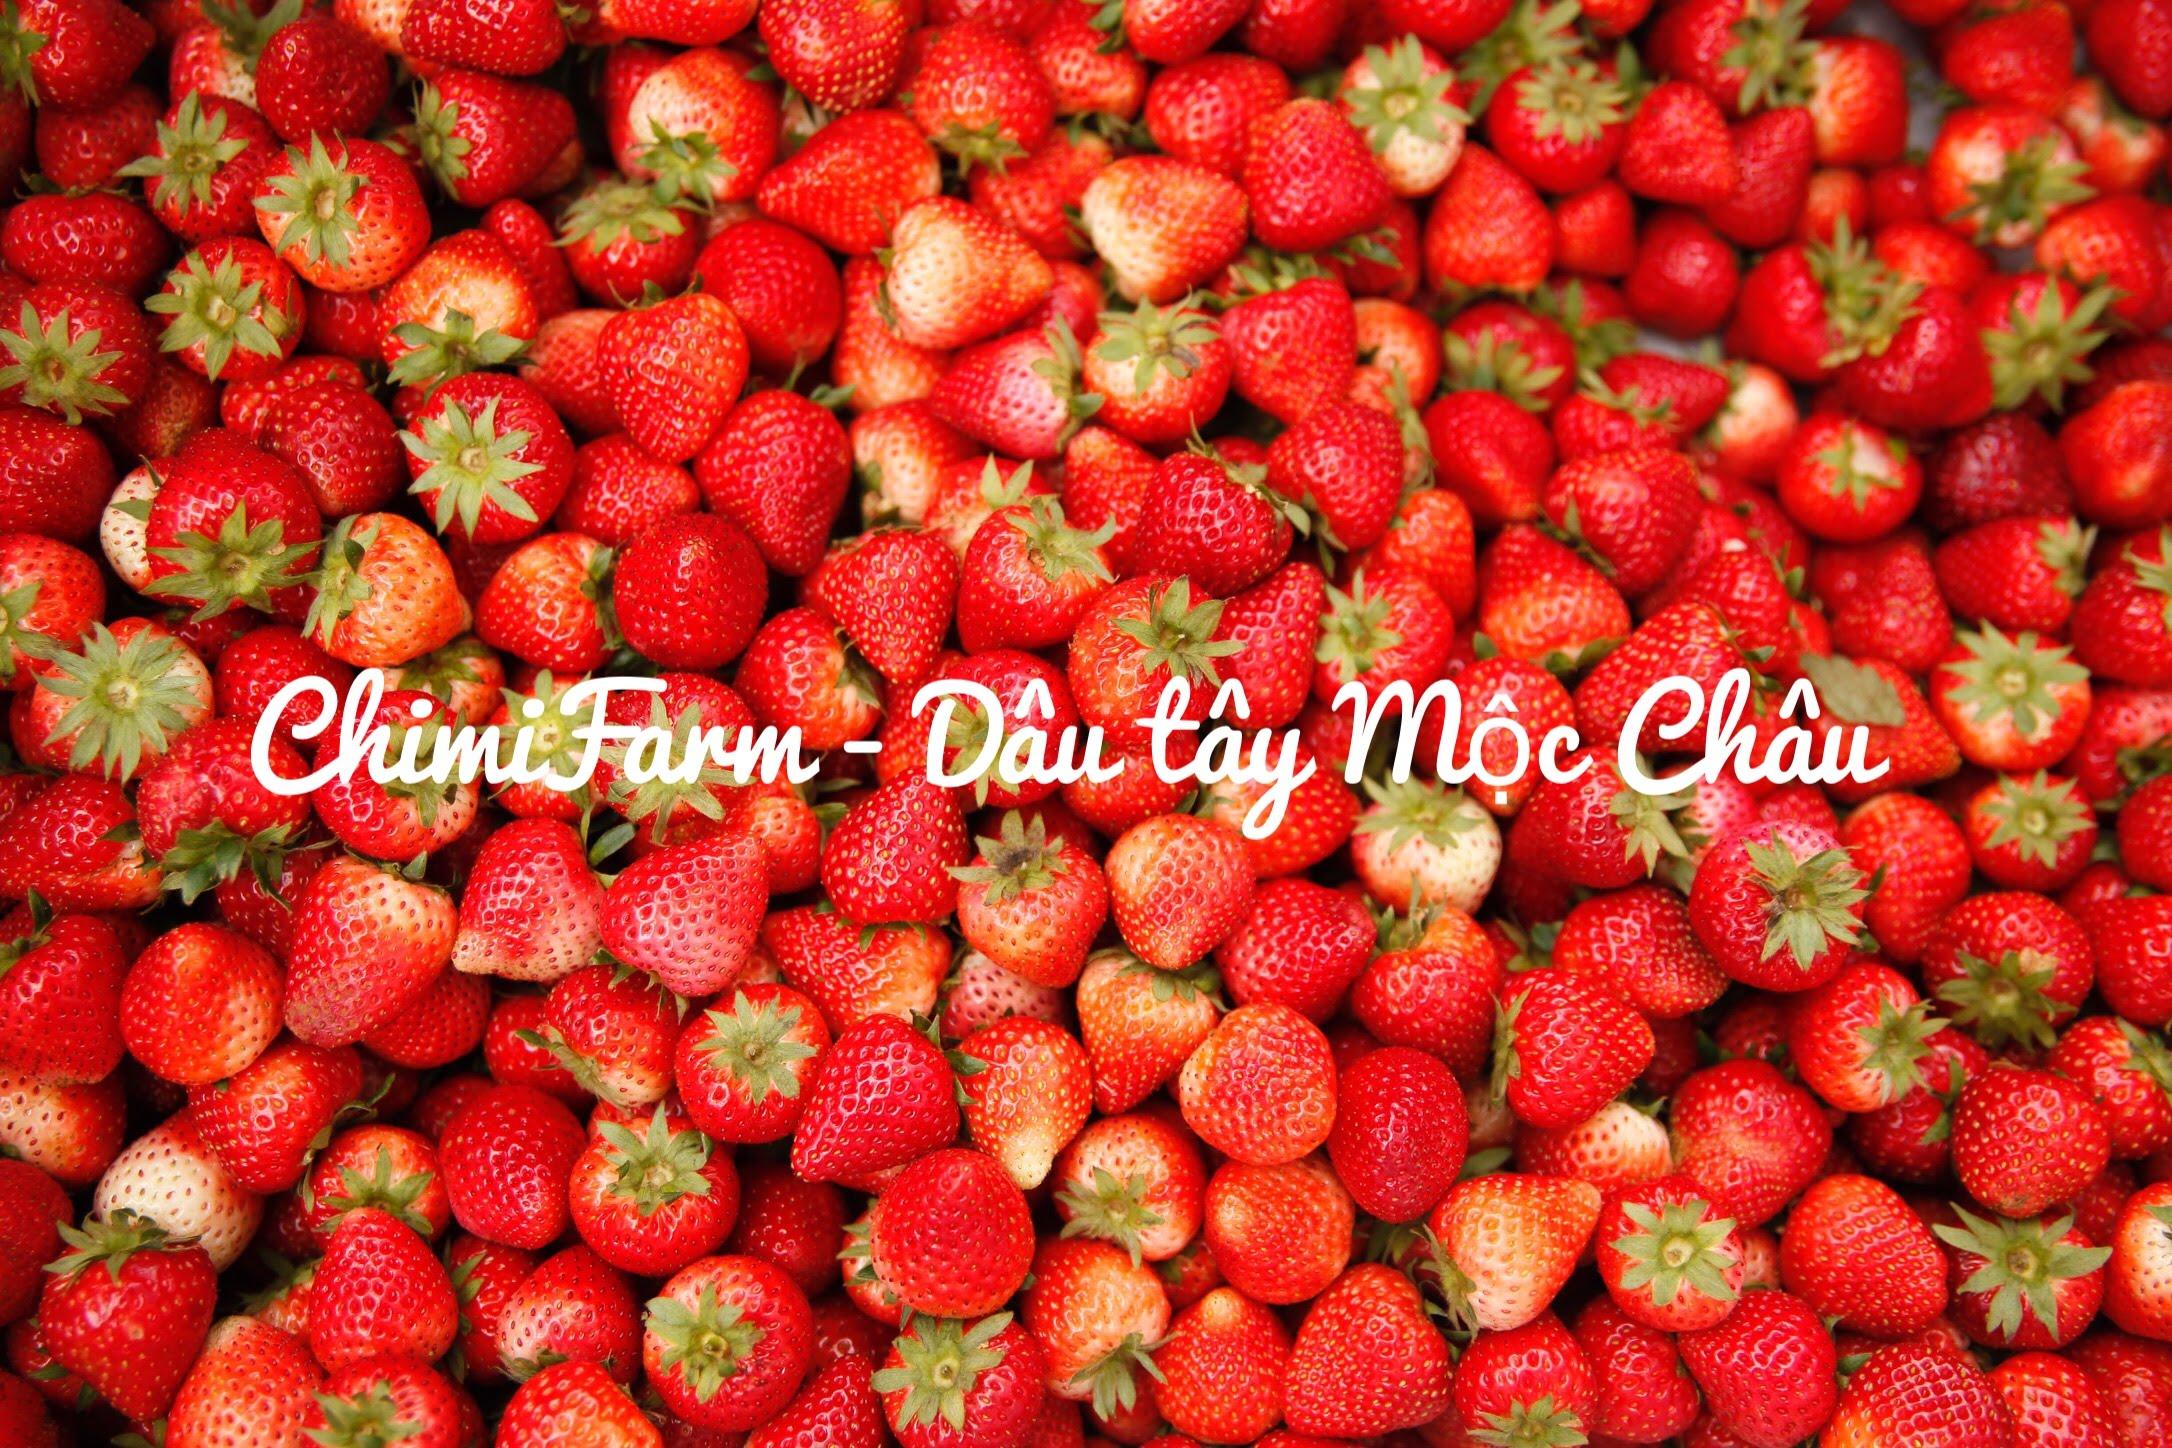 Dâu tây Mộc Châu dần khẳng định vị thế trên thị trường hoa quả